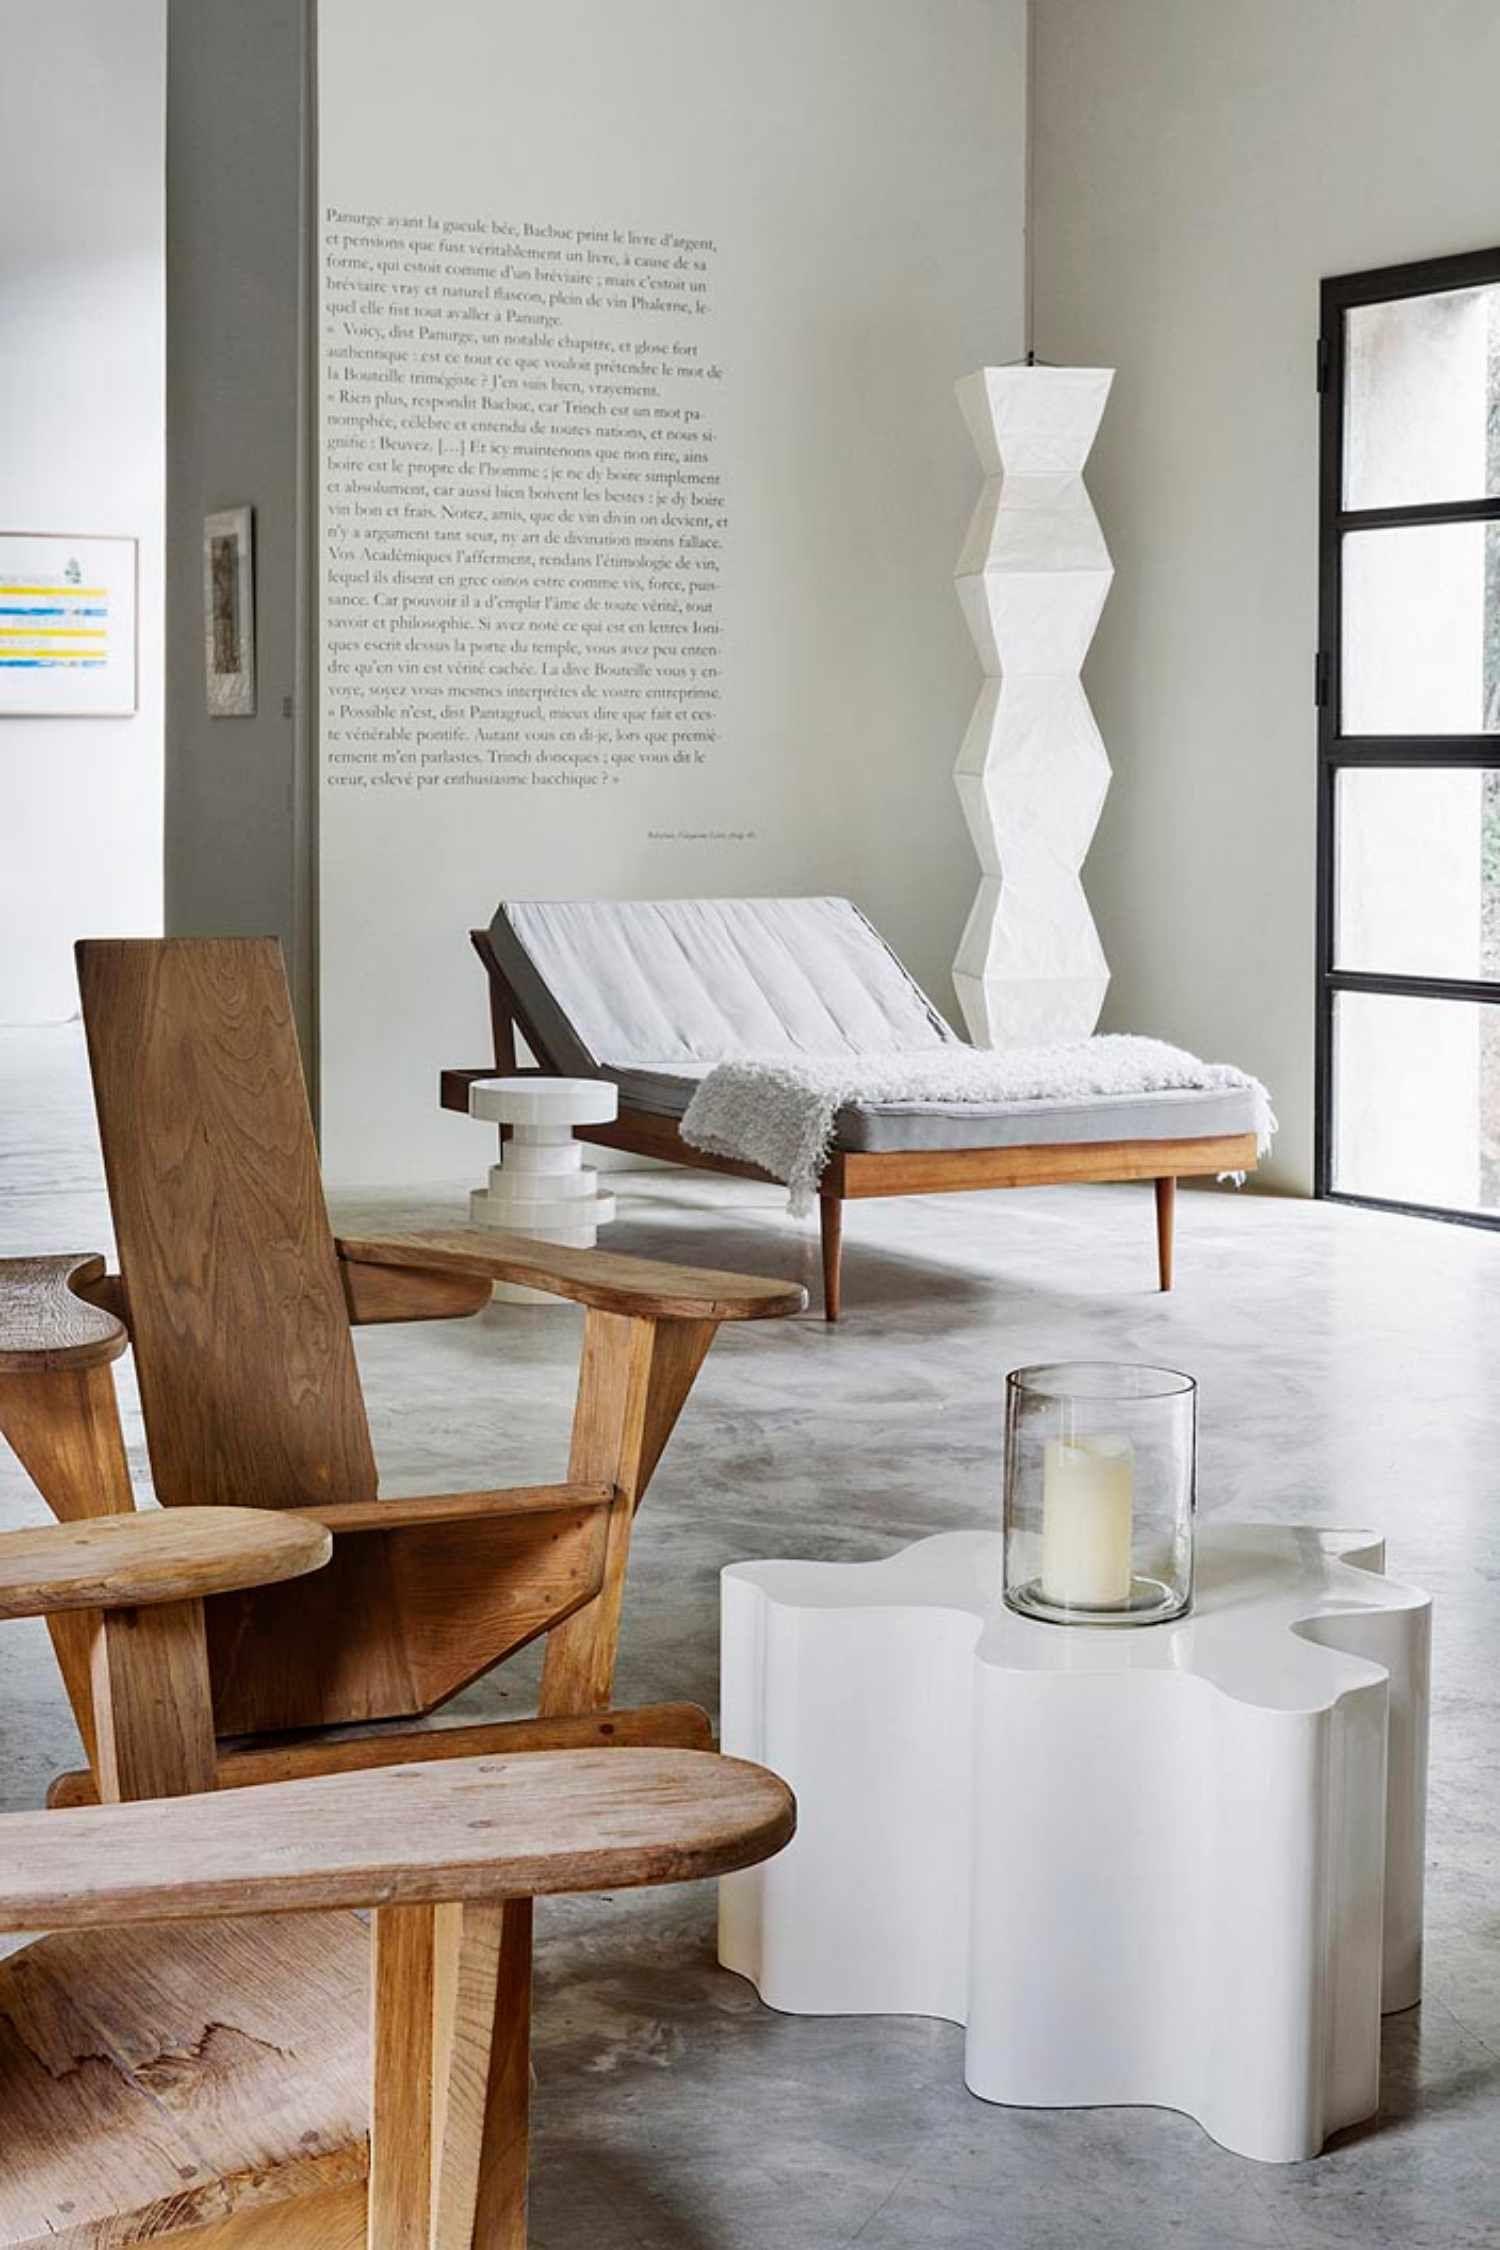 Serge Castella (With images) Interior, Furniture design